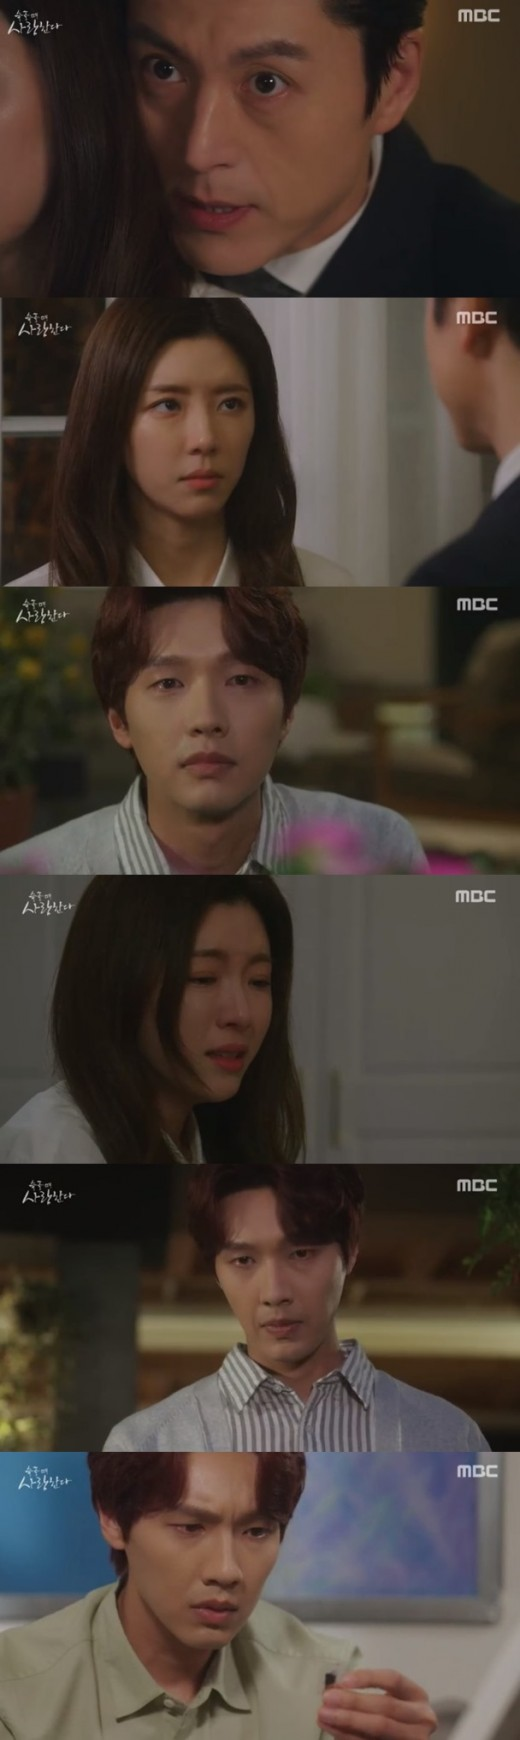 '슬플때사랑한다' 지현우, 결정적 증거 발견 '박한별 구할까?'